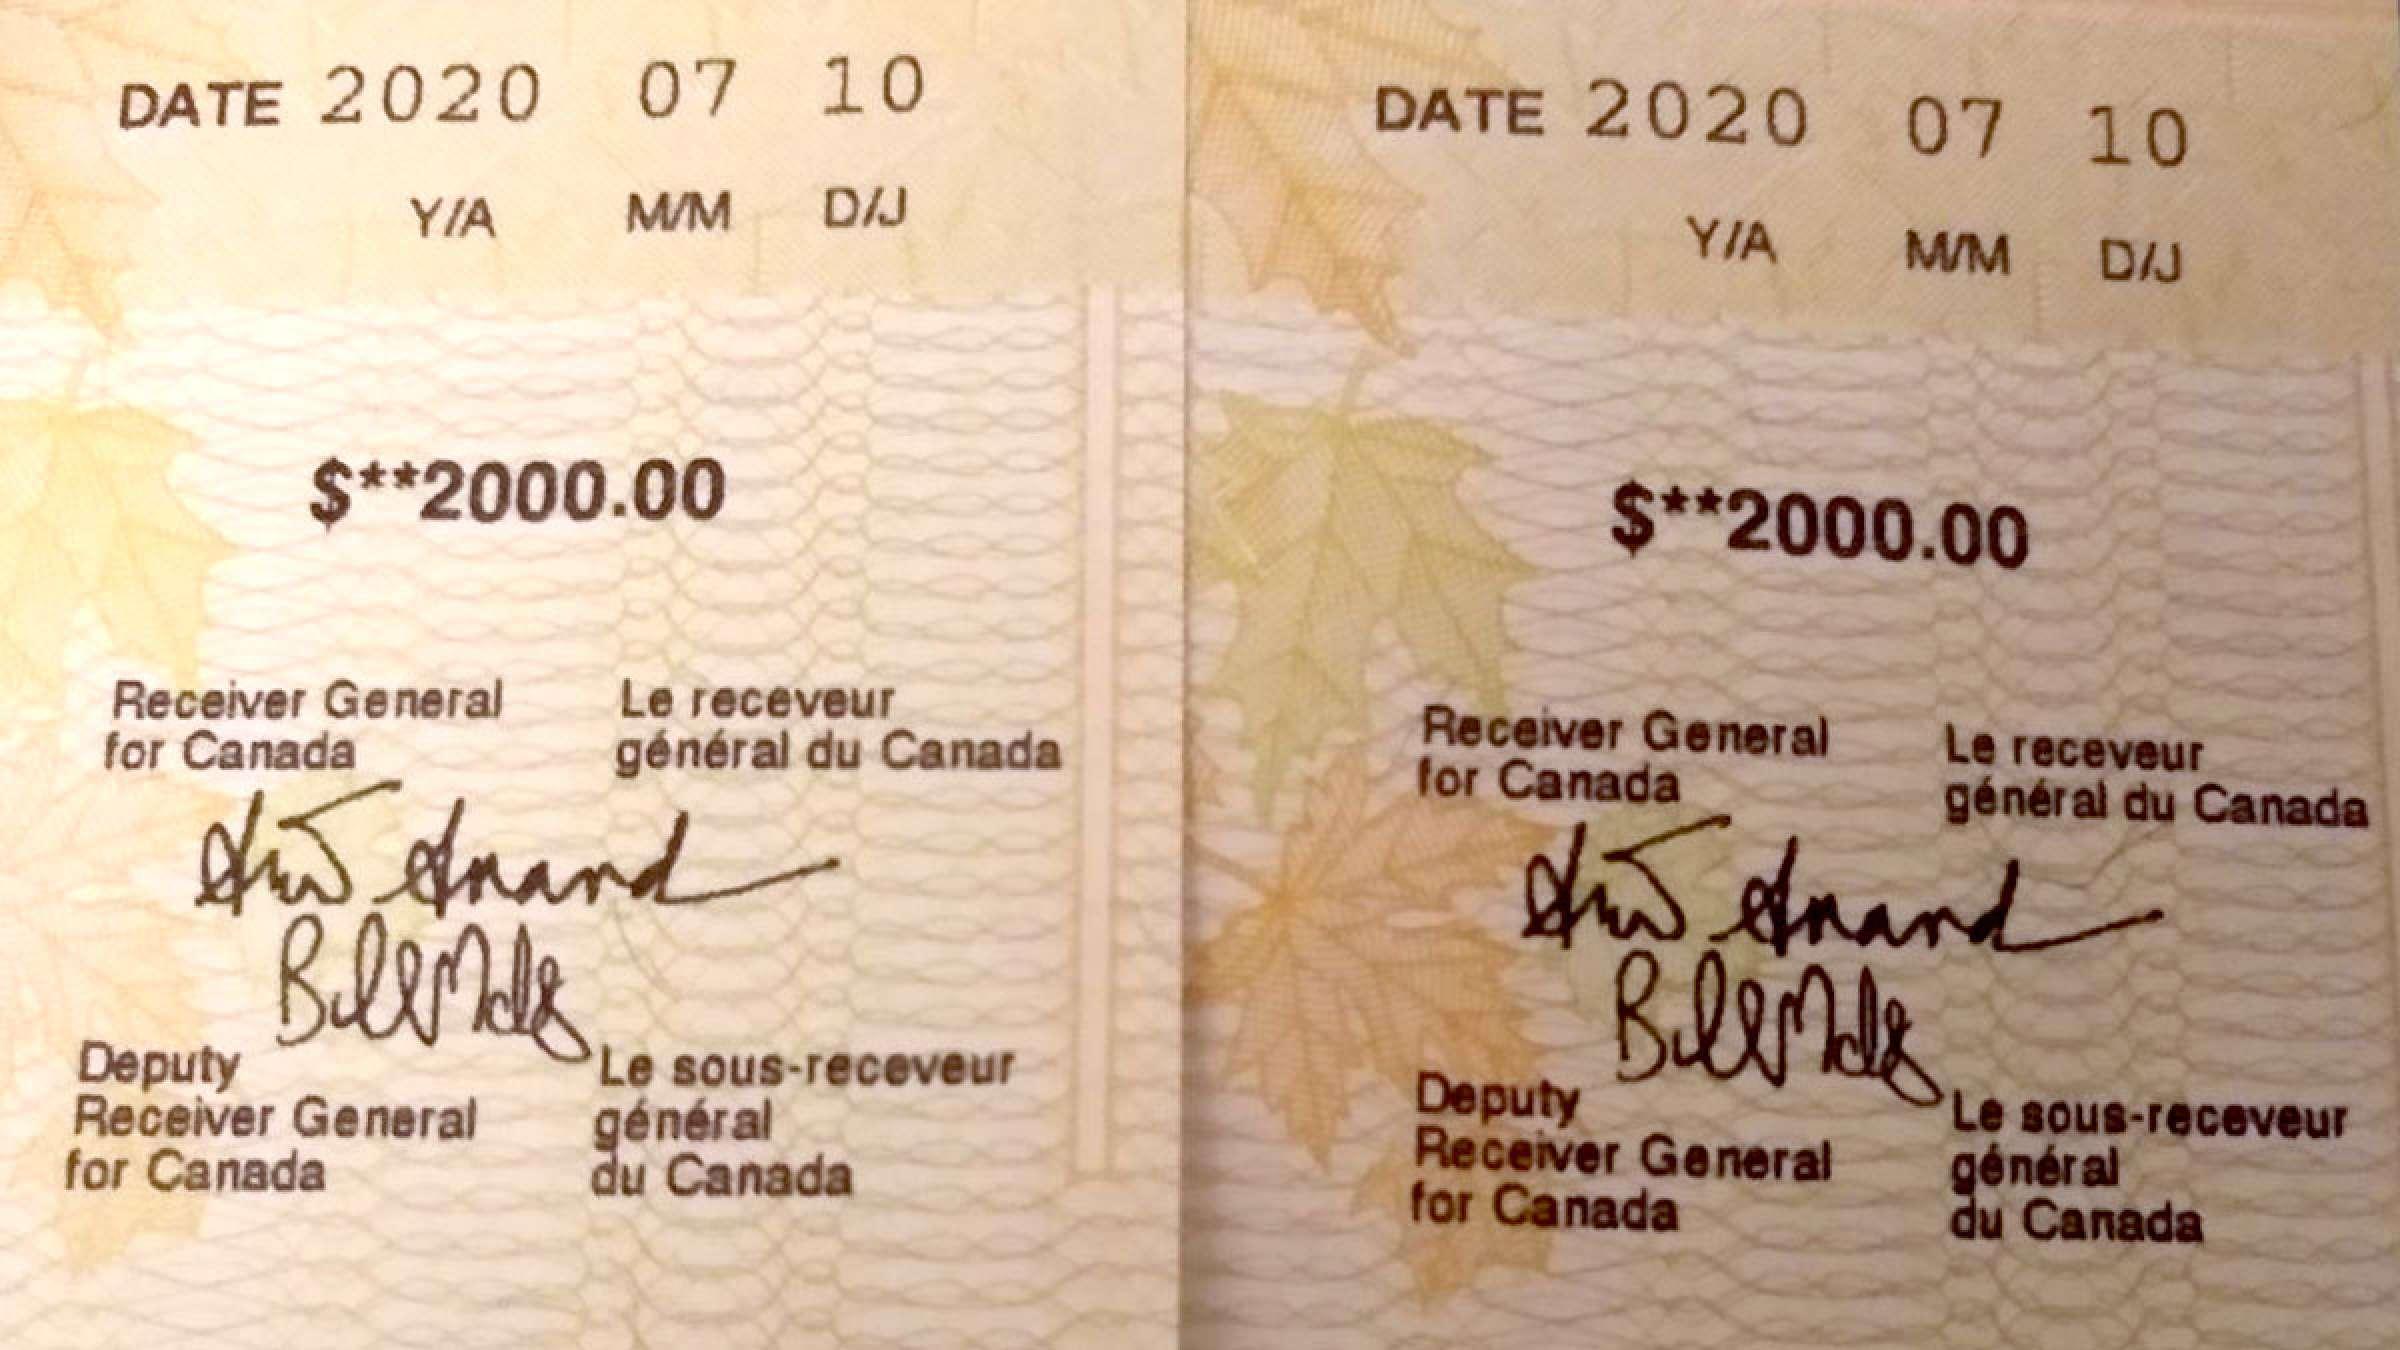 اخبار-کانادا-کانادایی-ها-اداره-مالیات-کانادا-را-سو-کردند